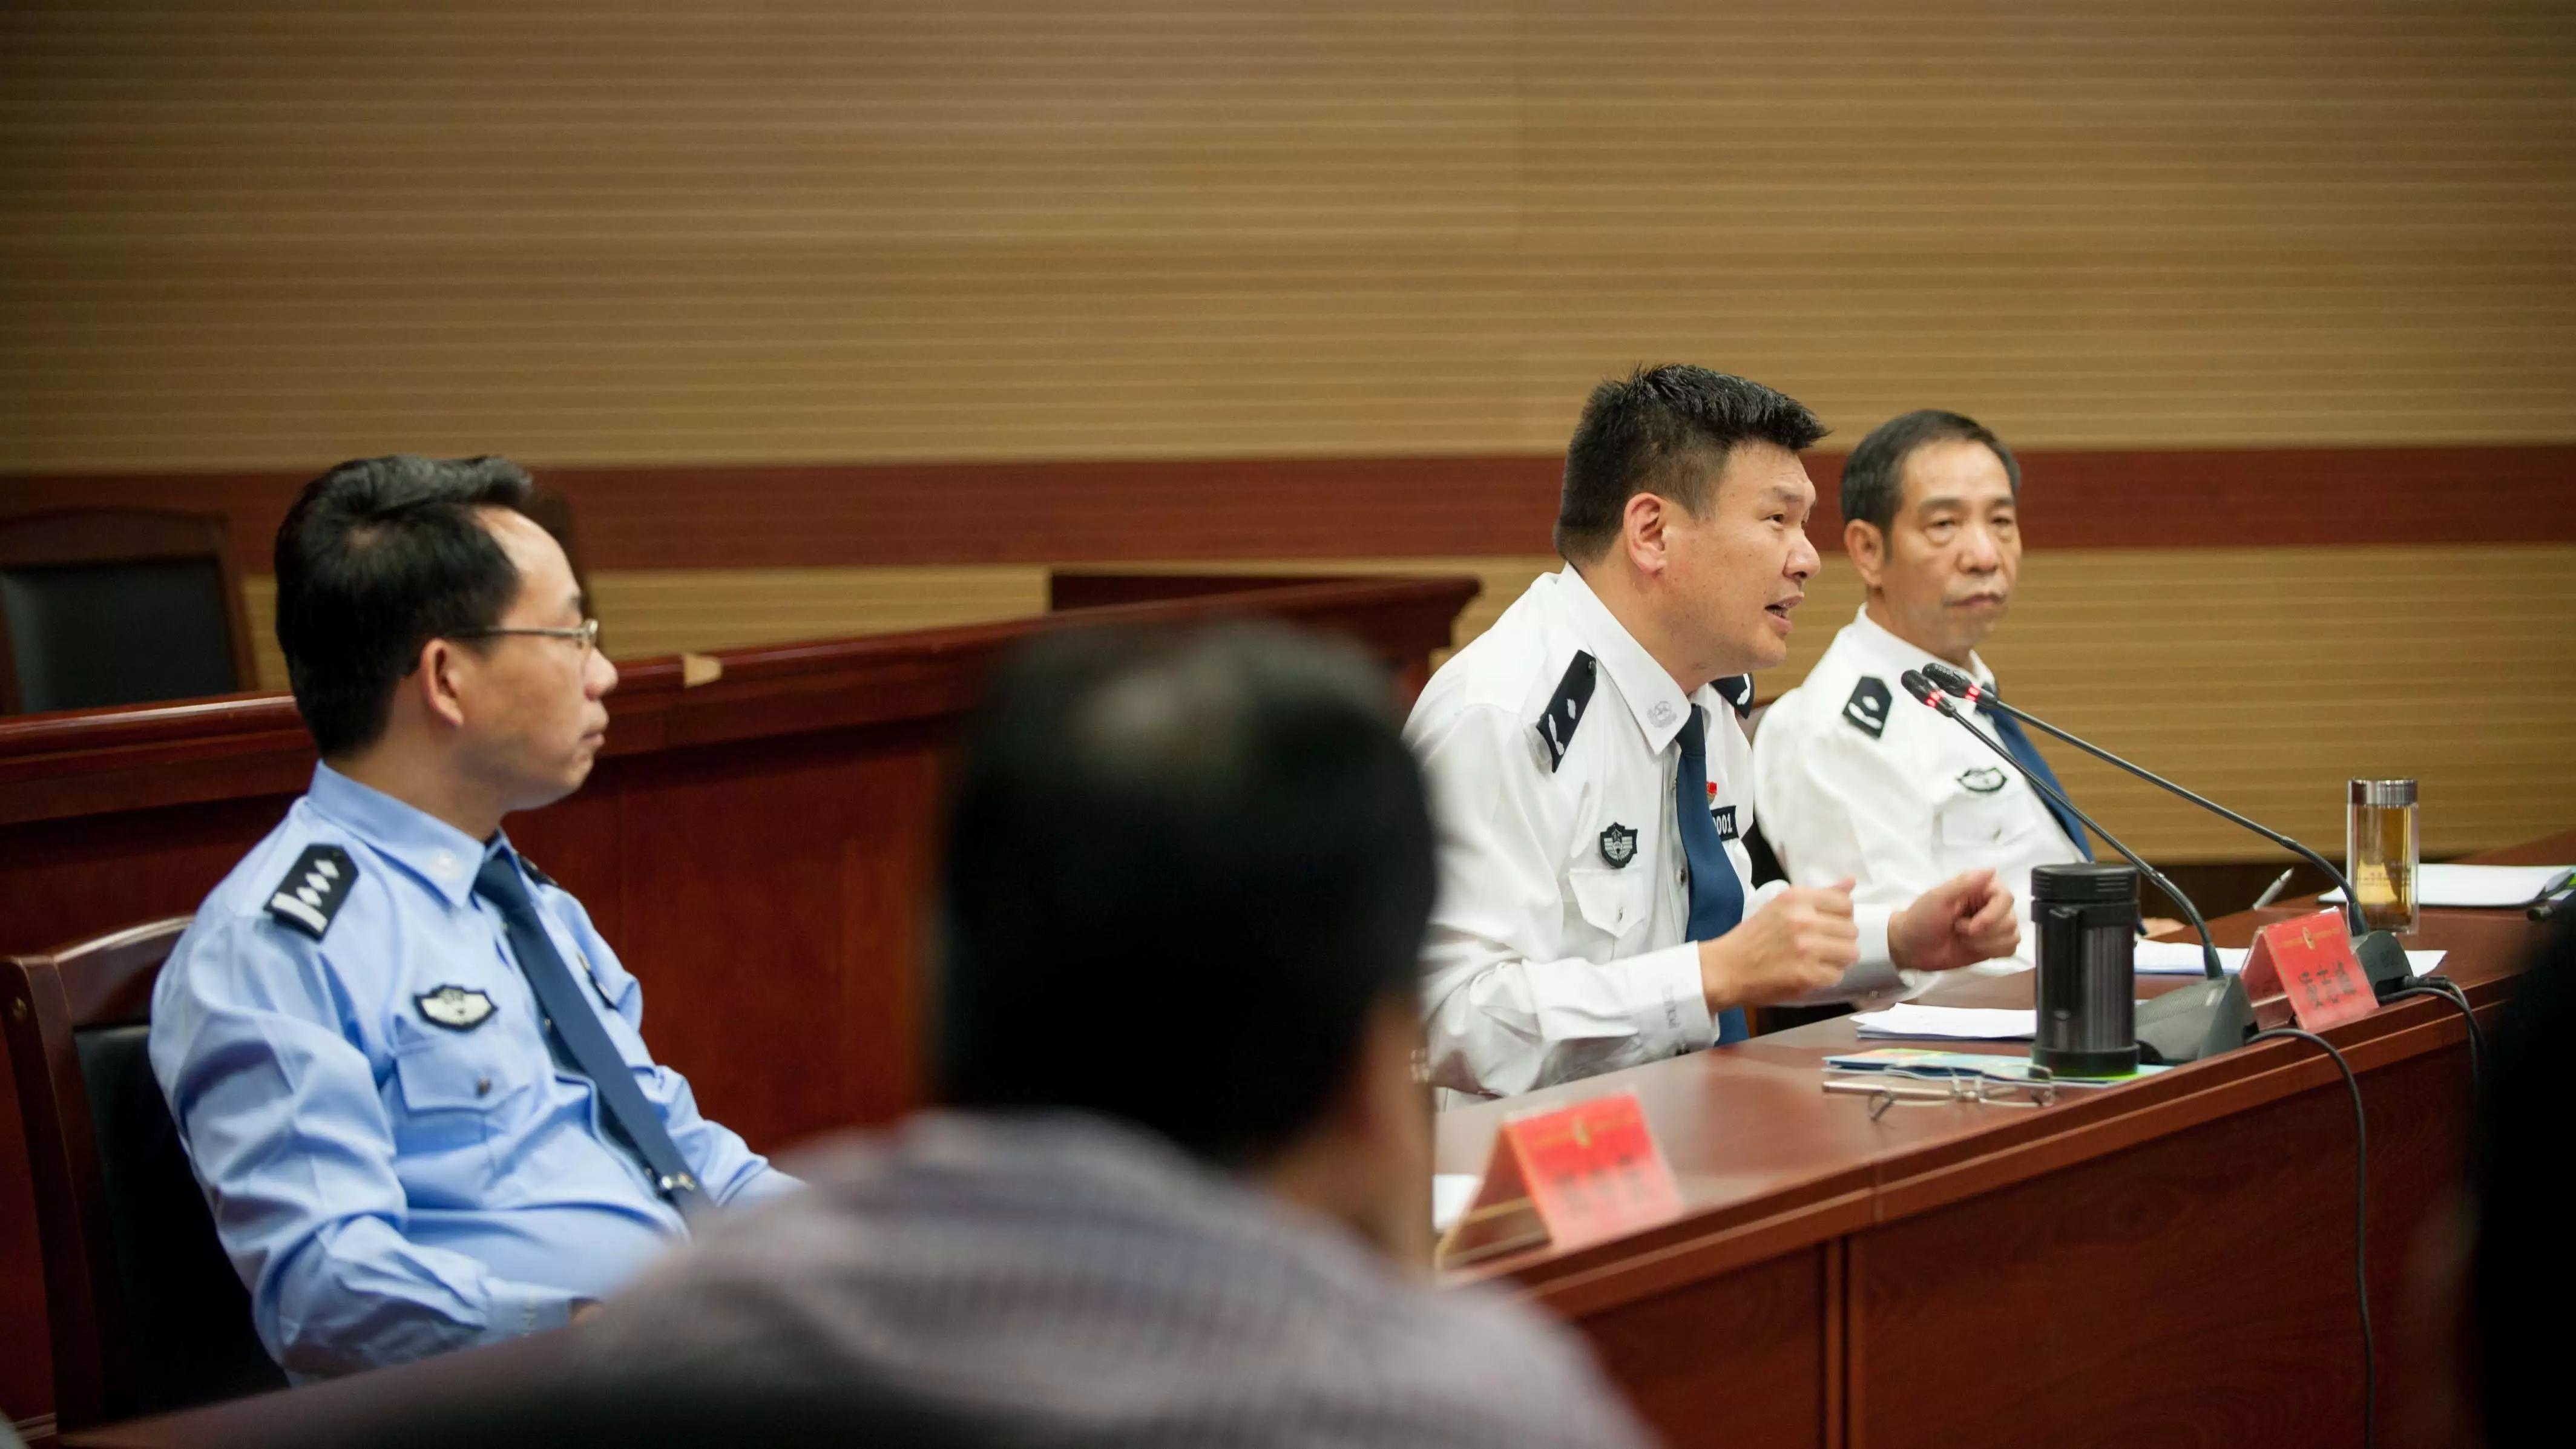 ...位群众被请进了绍兴市公安局,原来公安局长要向他们...图片 396248 4256x2394